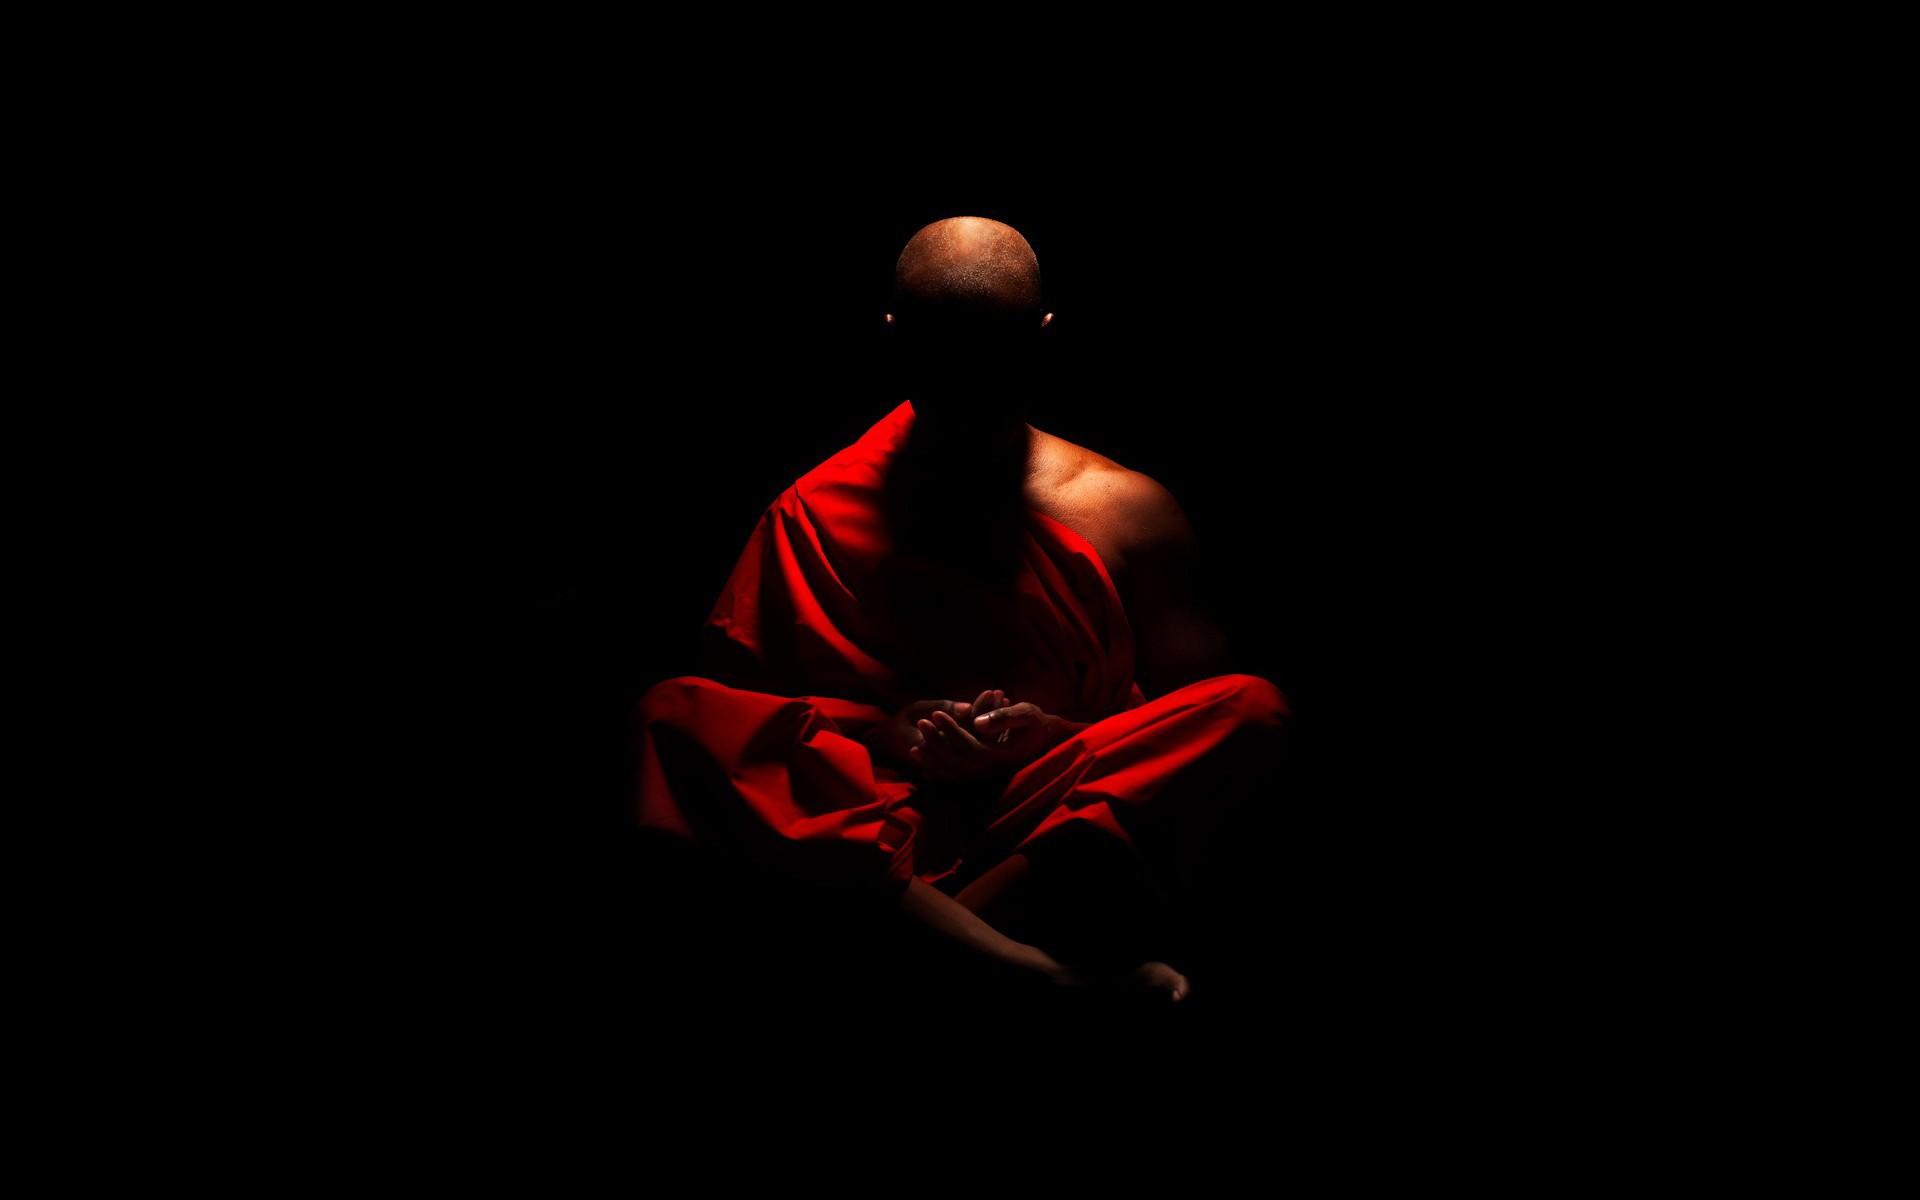 monje-meditando-667742